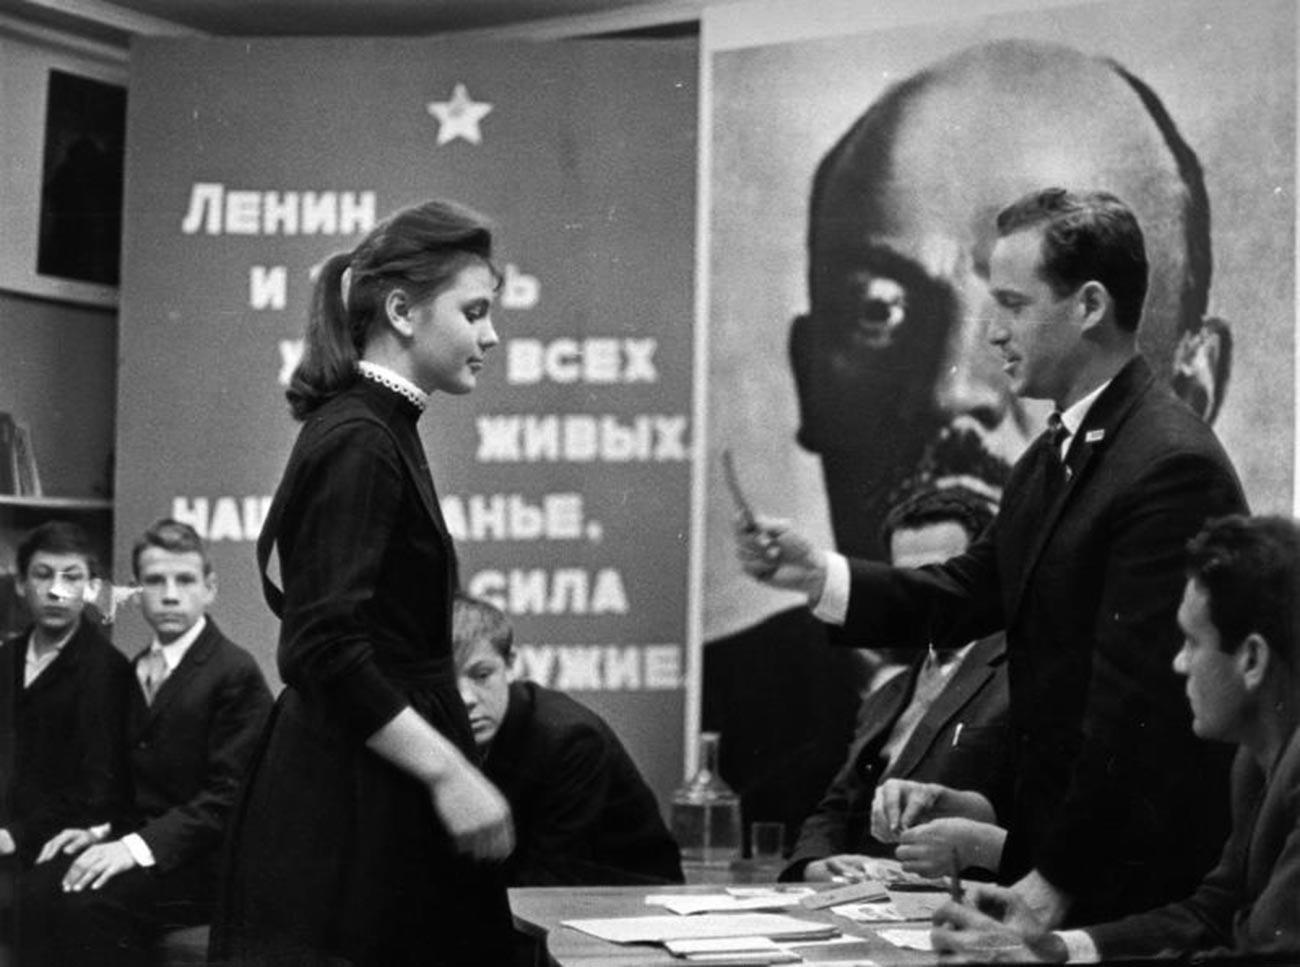 Receiving a Komsomol member ID